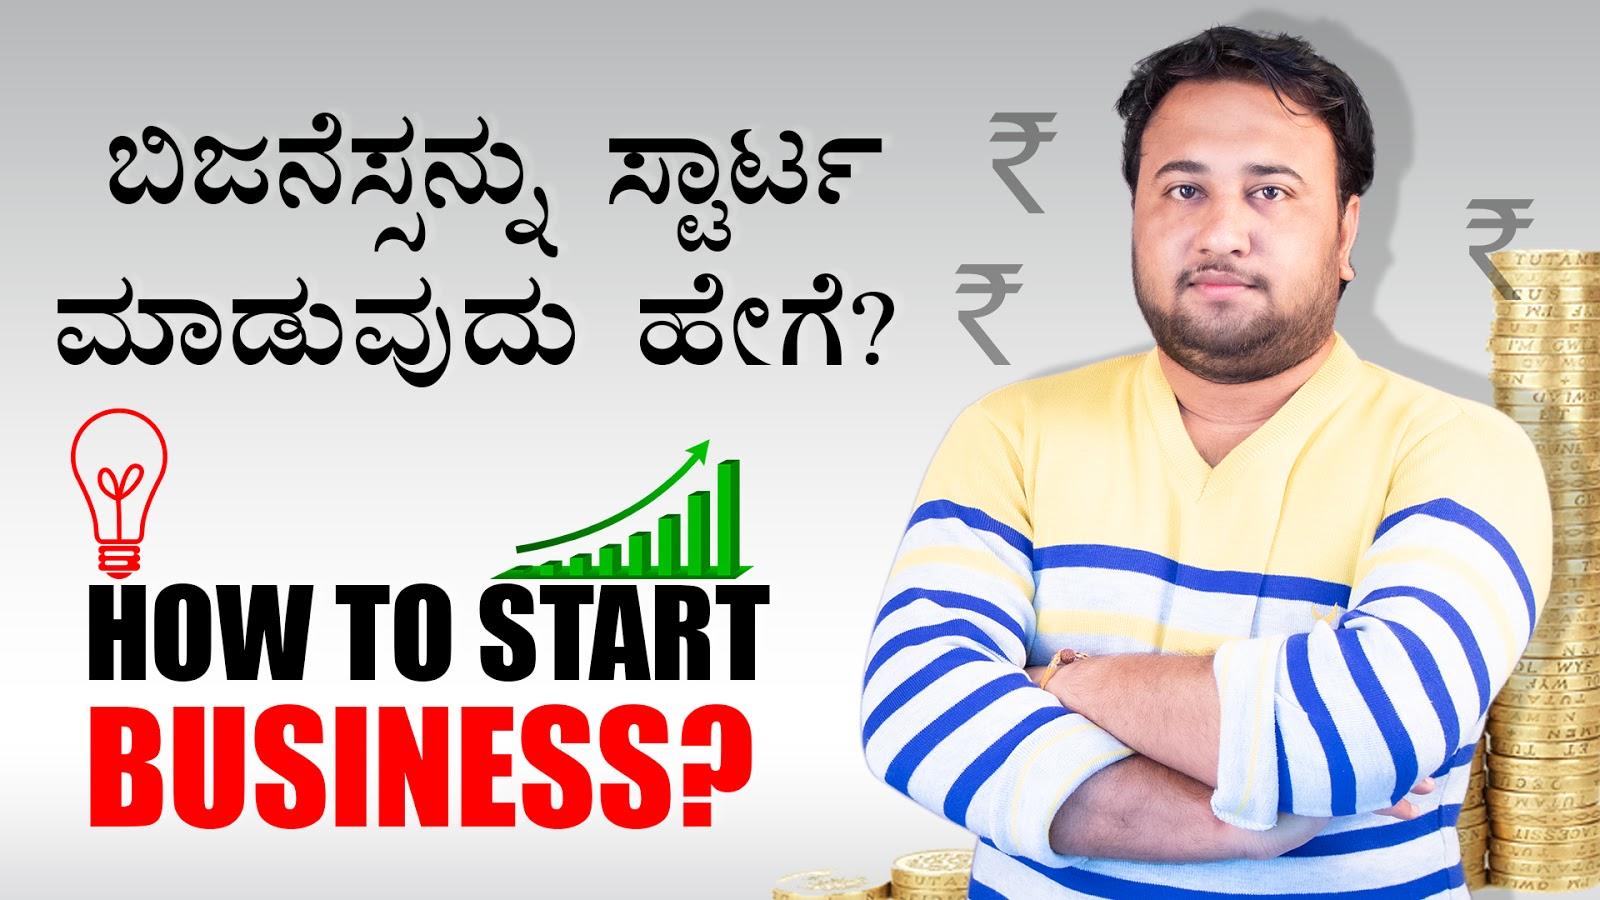 ಬಿಜನೆಸ್ಸನ್ನು ಸ್ಟಾರ್ಟ ಮಾಡುವುದು ಹೇಗೆ? How to Start Business? How to start Start-up?